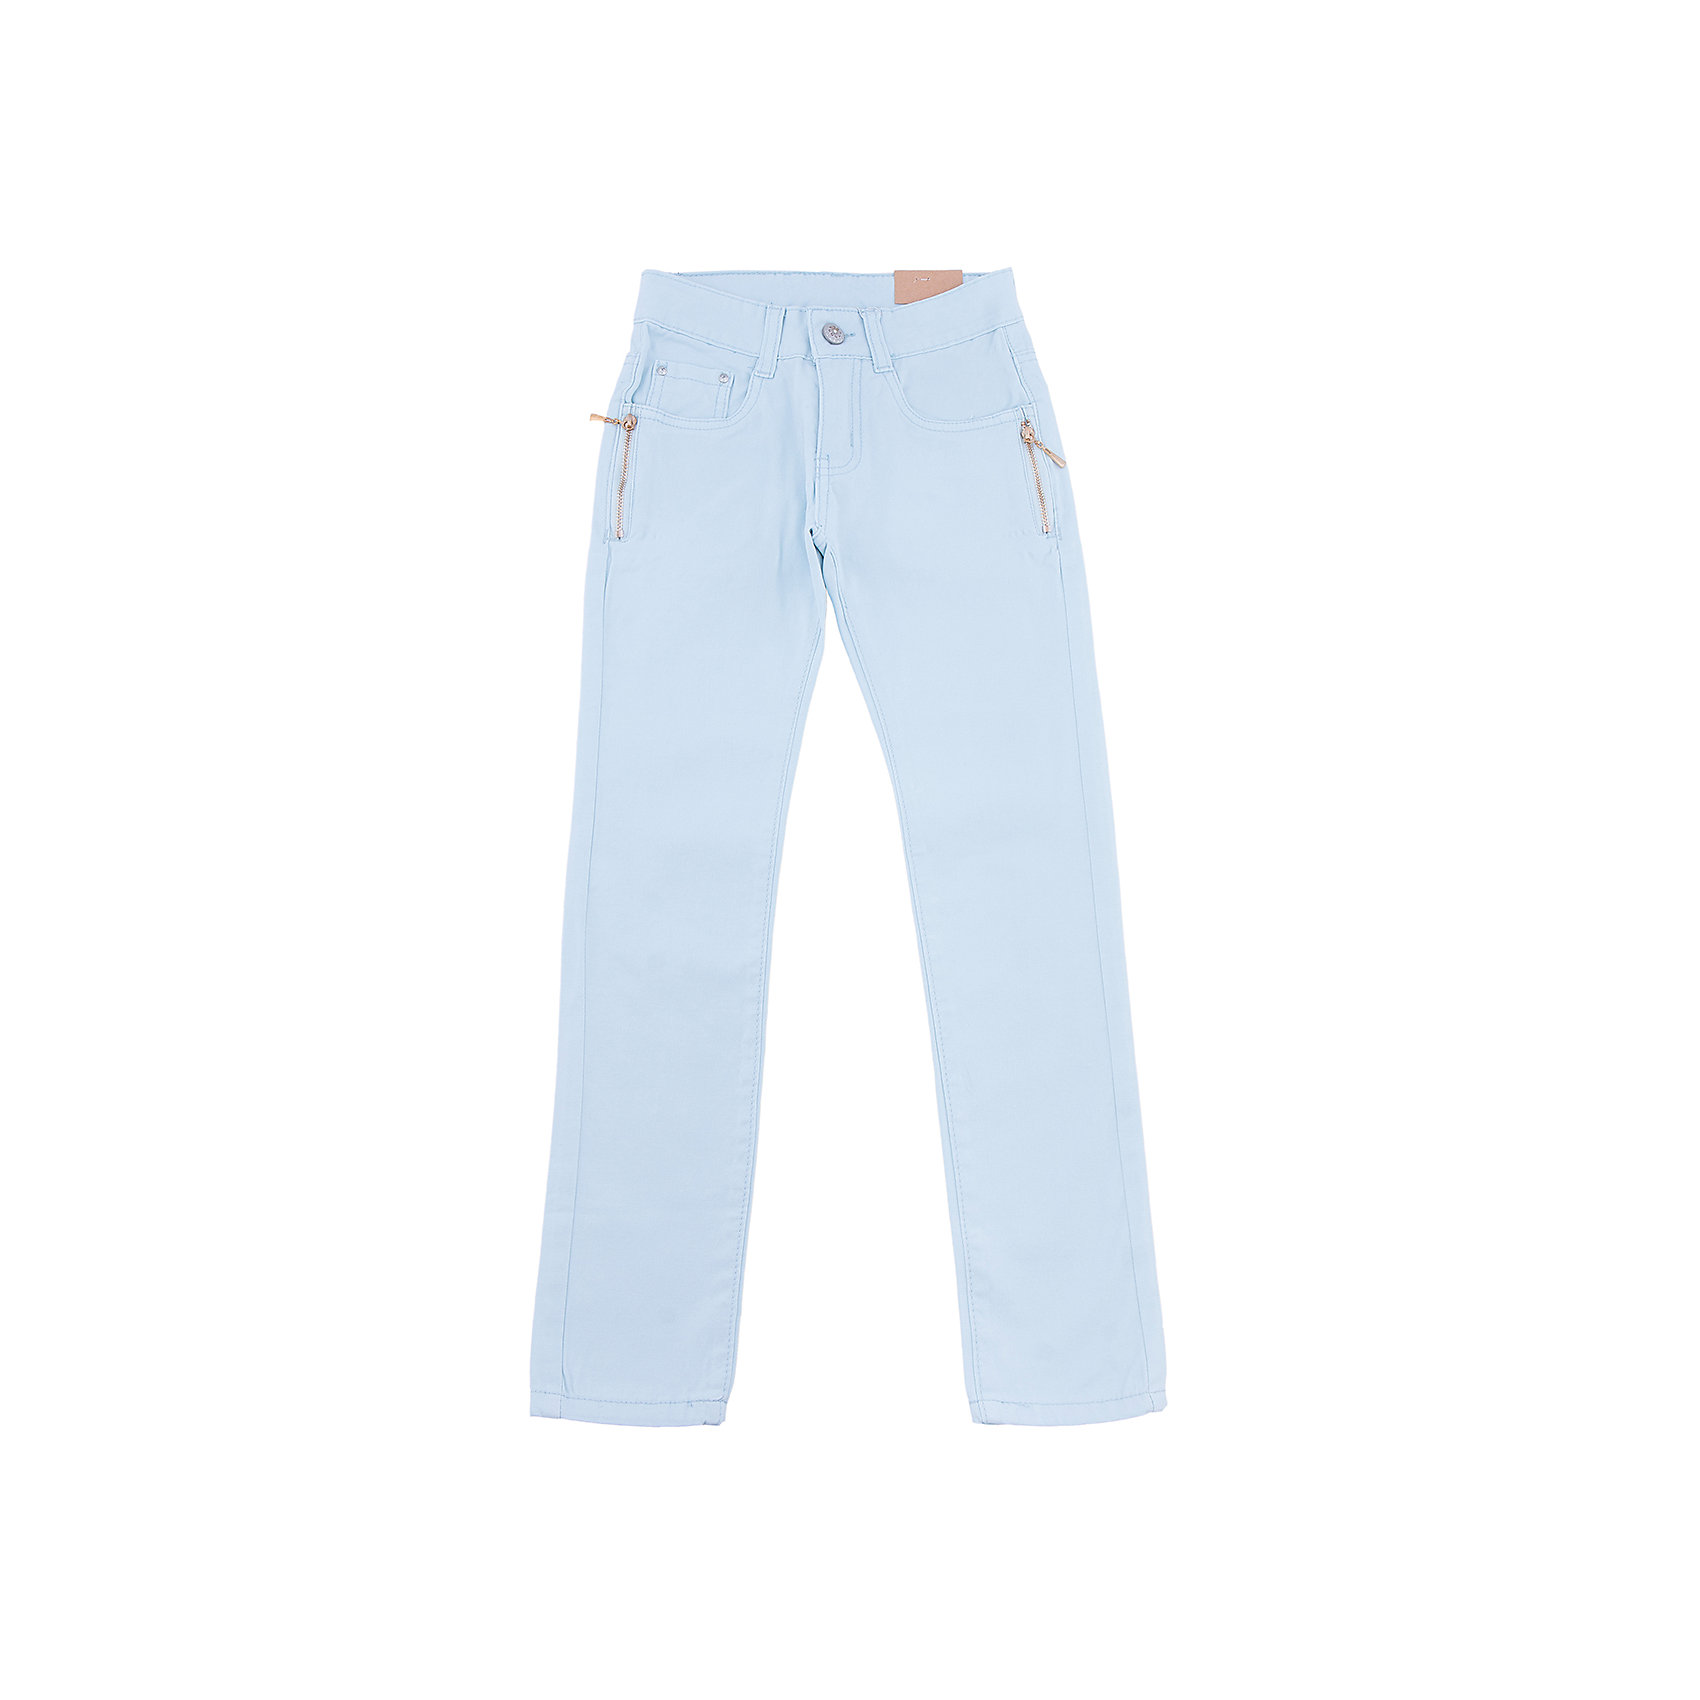 Брюки для девочки LuminosoБрюки<br>Стильные джинсовые брюки для девочки. Зауженный крой. Застегиваются на молнию и пуговицу. Шлевки на поясе рассчитаны под ремень. В боковой части пояса находятся вшитые эластичные ленты, регулирующие посадку по талии.<br>Состав:<br>98%хлопок 2%эластан<br><br>Ширина мм: 215<br>Глубина мм: 88<br>Высота мм: 191<br>Вес г: 336<br>Цвет: голубой<br>Возраст от месяцев: 96<br>Возраст до месяцев: 108<br>Пол: Женский<br>Возраст: Детский<br>Размер: 134,140,146,152,158,164<br>SKU: 5413319